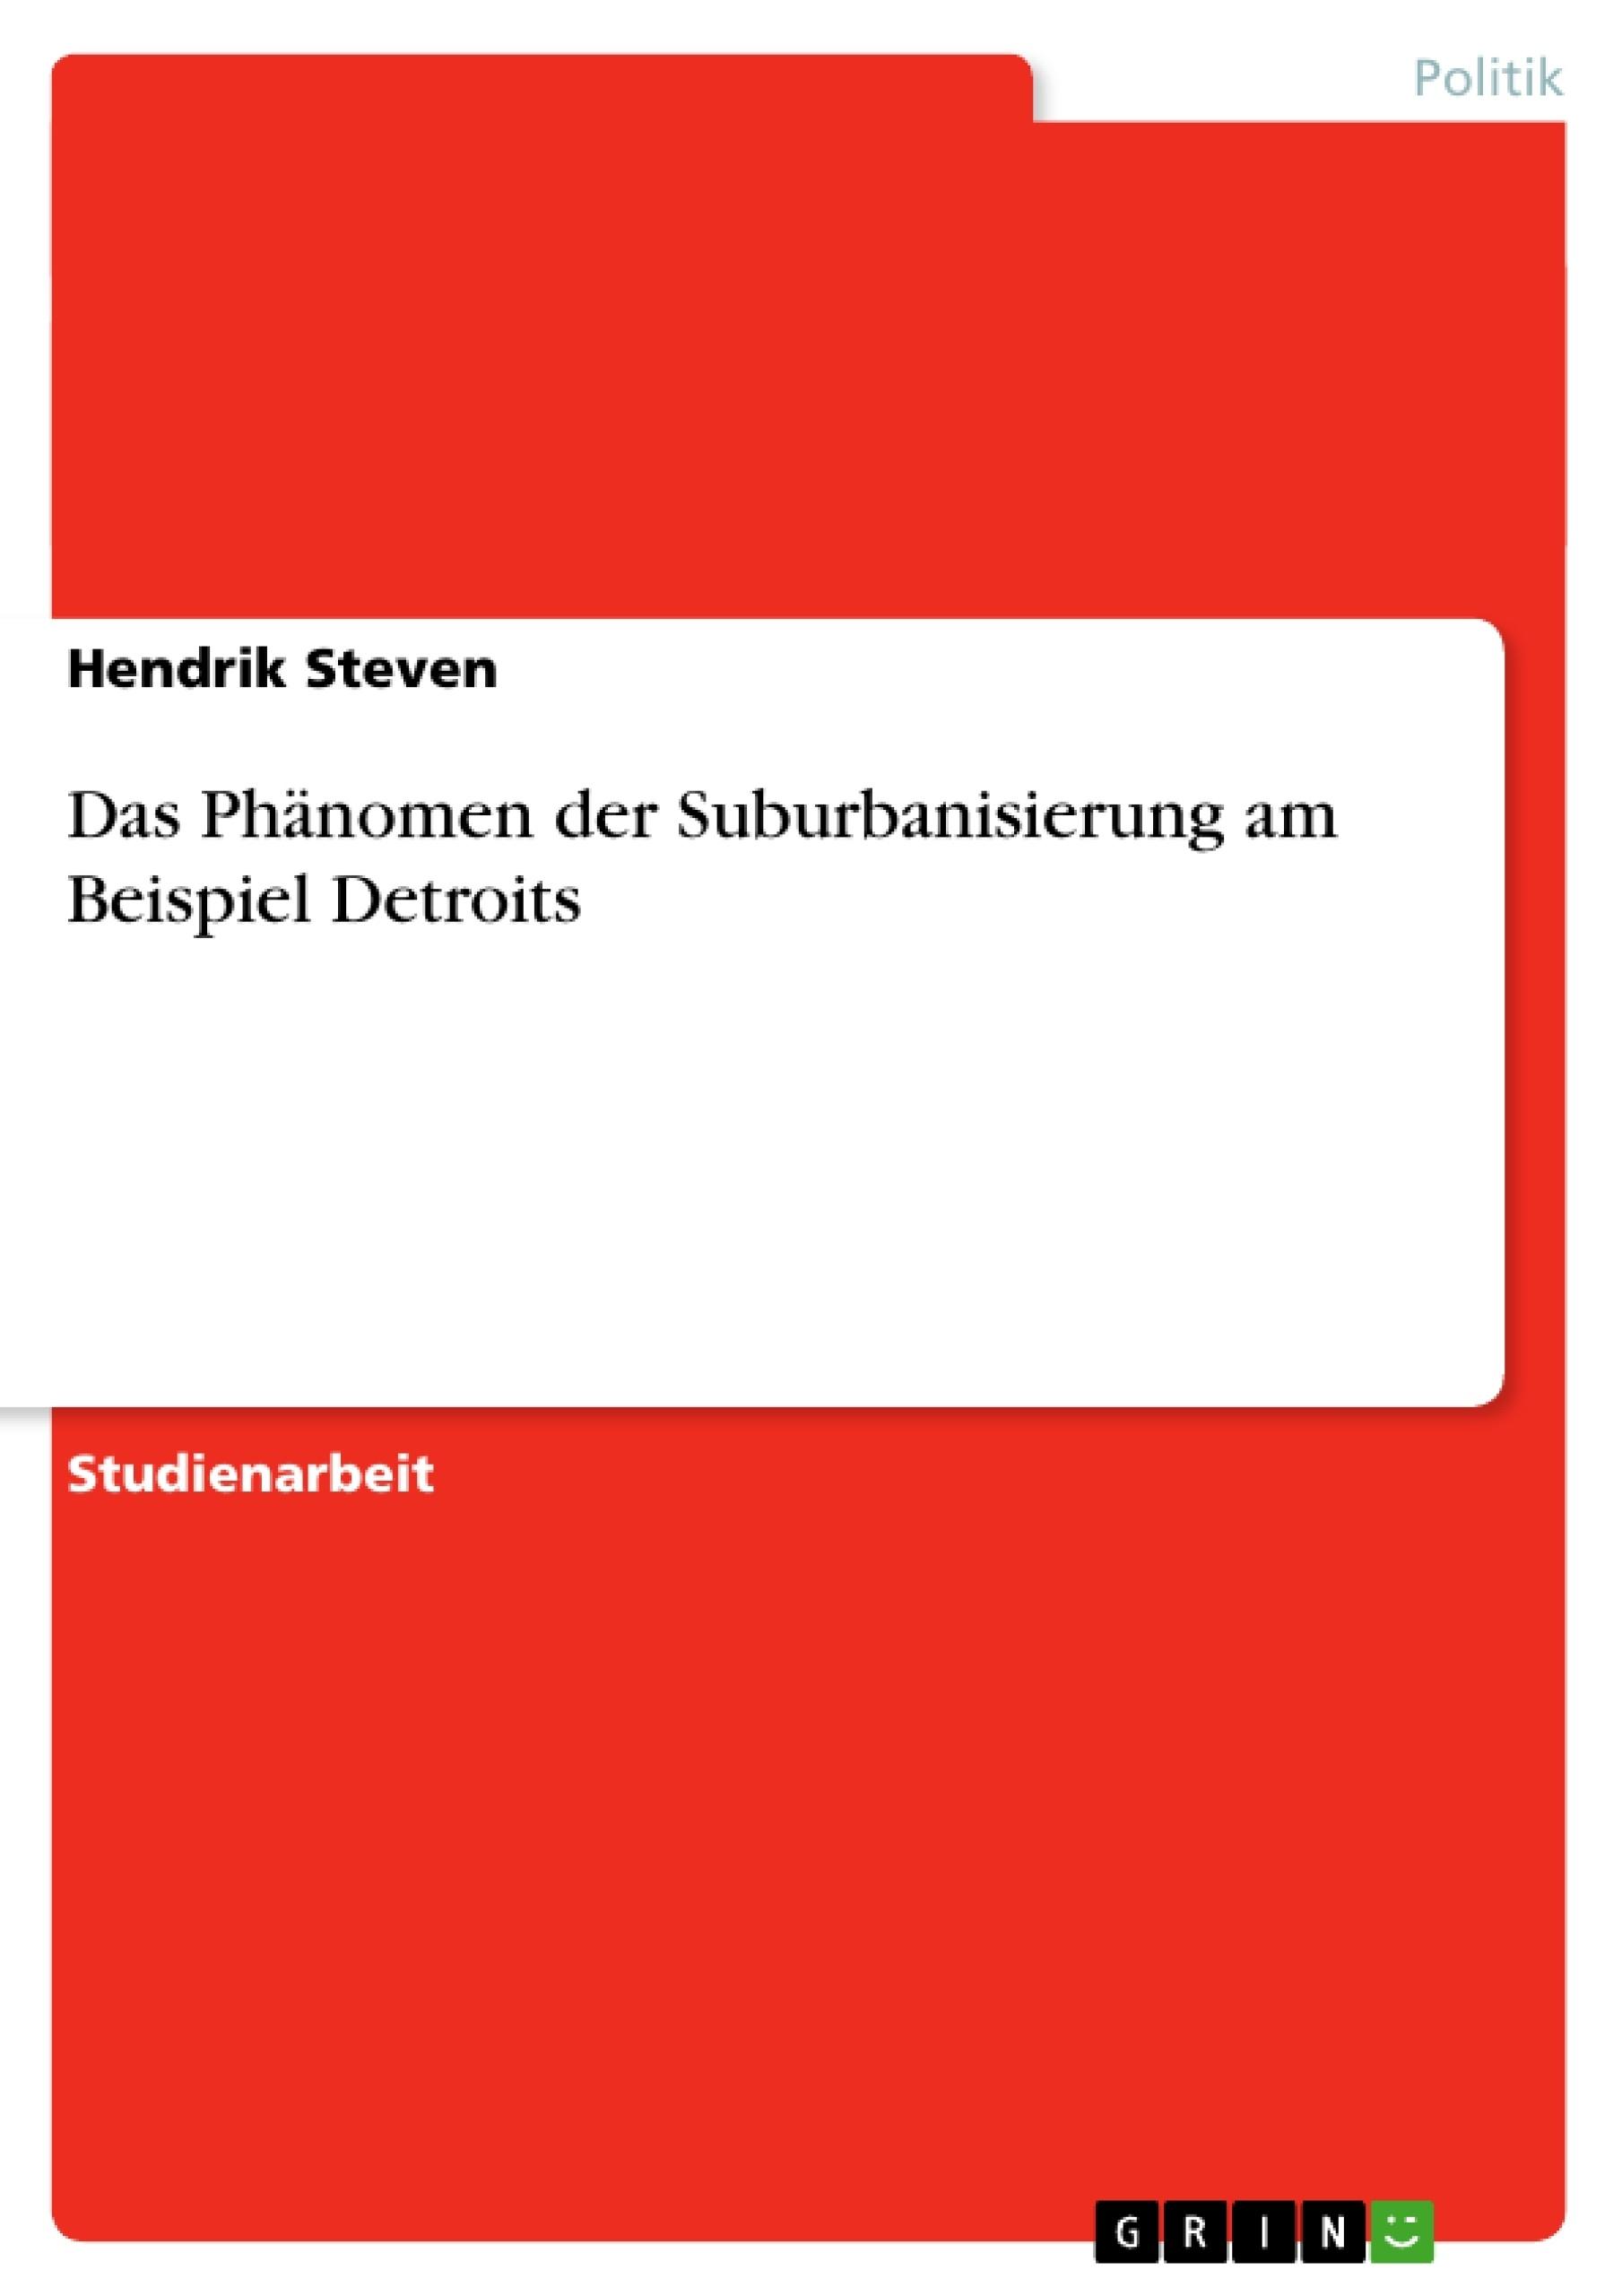 Titel: Das Phänomen der Suburbanisierung am Beispiel Detroits